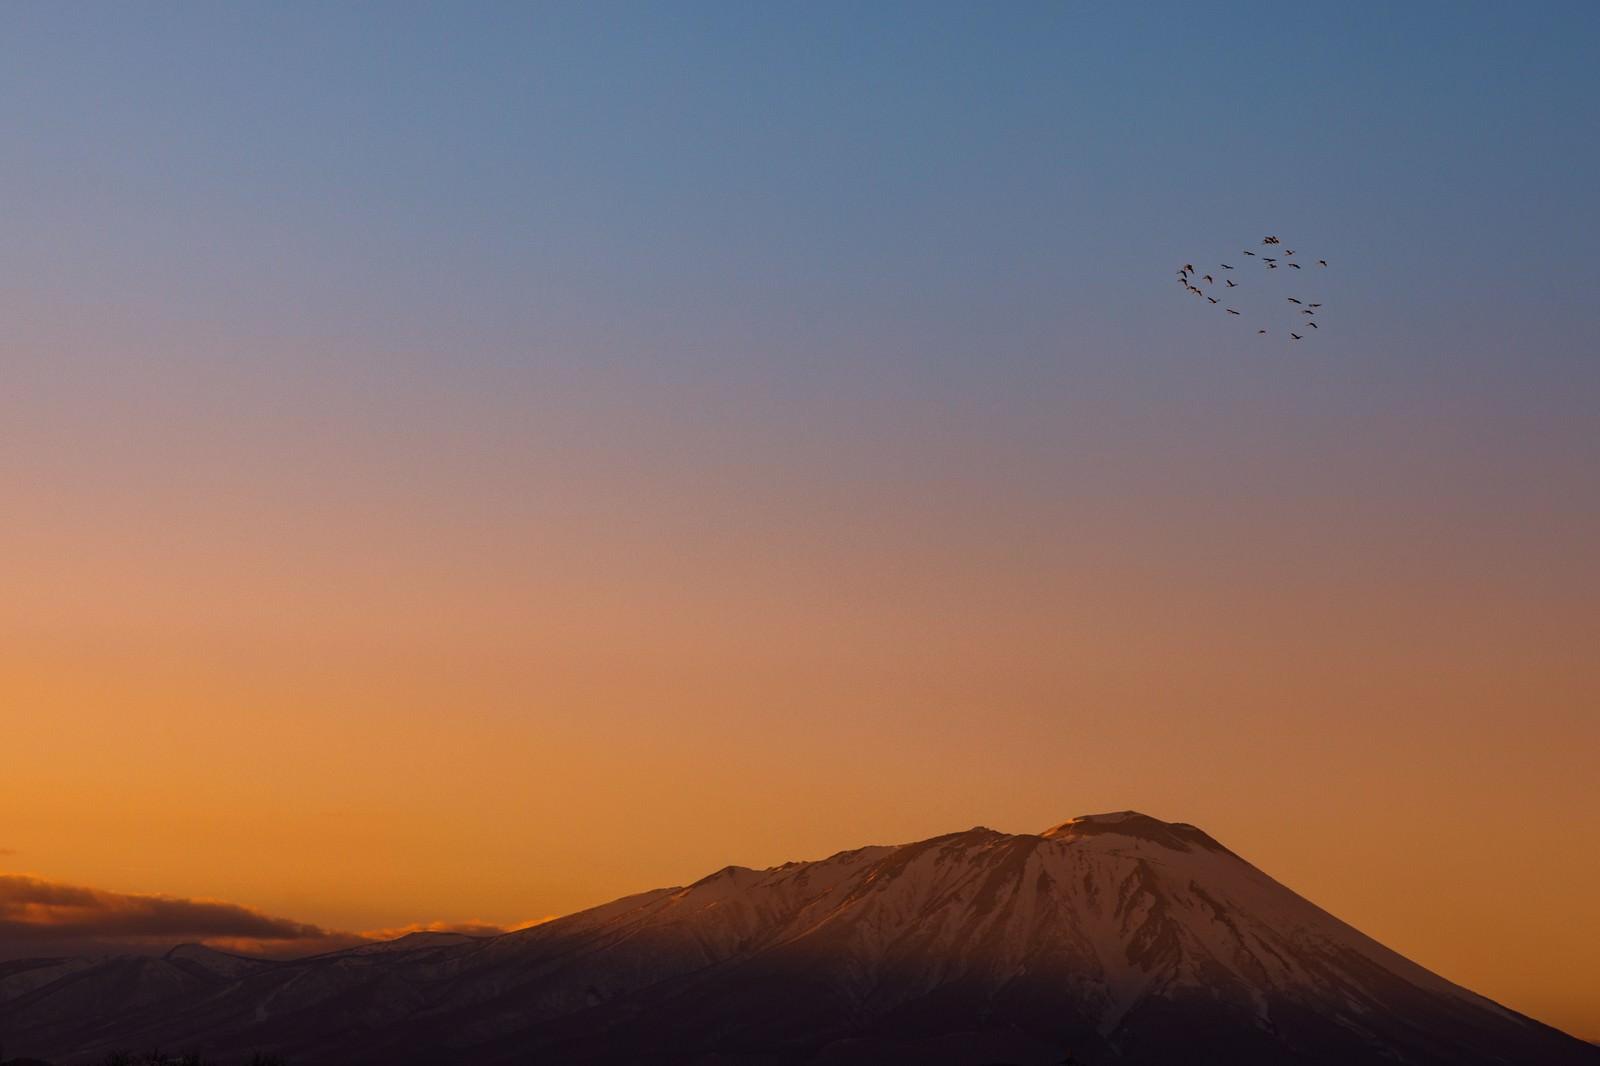 「岩手山と渡り鳥」の写真